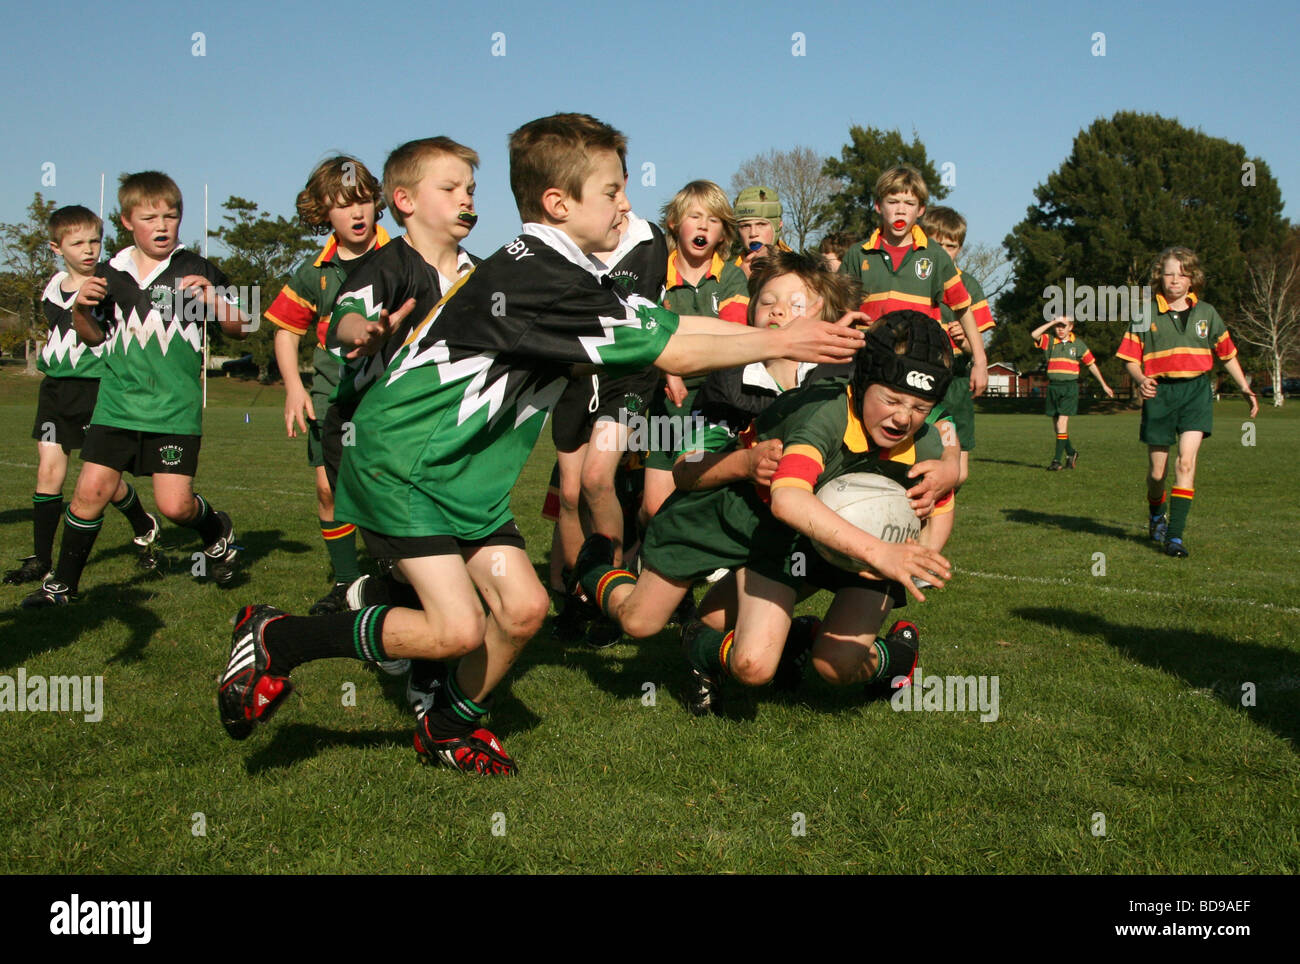 Los muchachos juegan rugby union en Nueva Zelanda Imagen De Stock